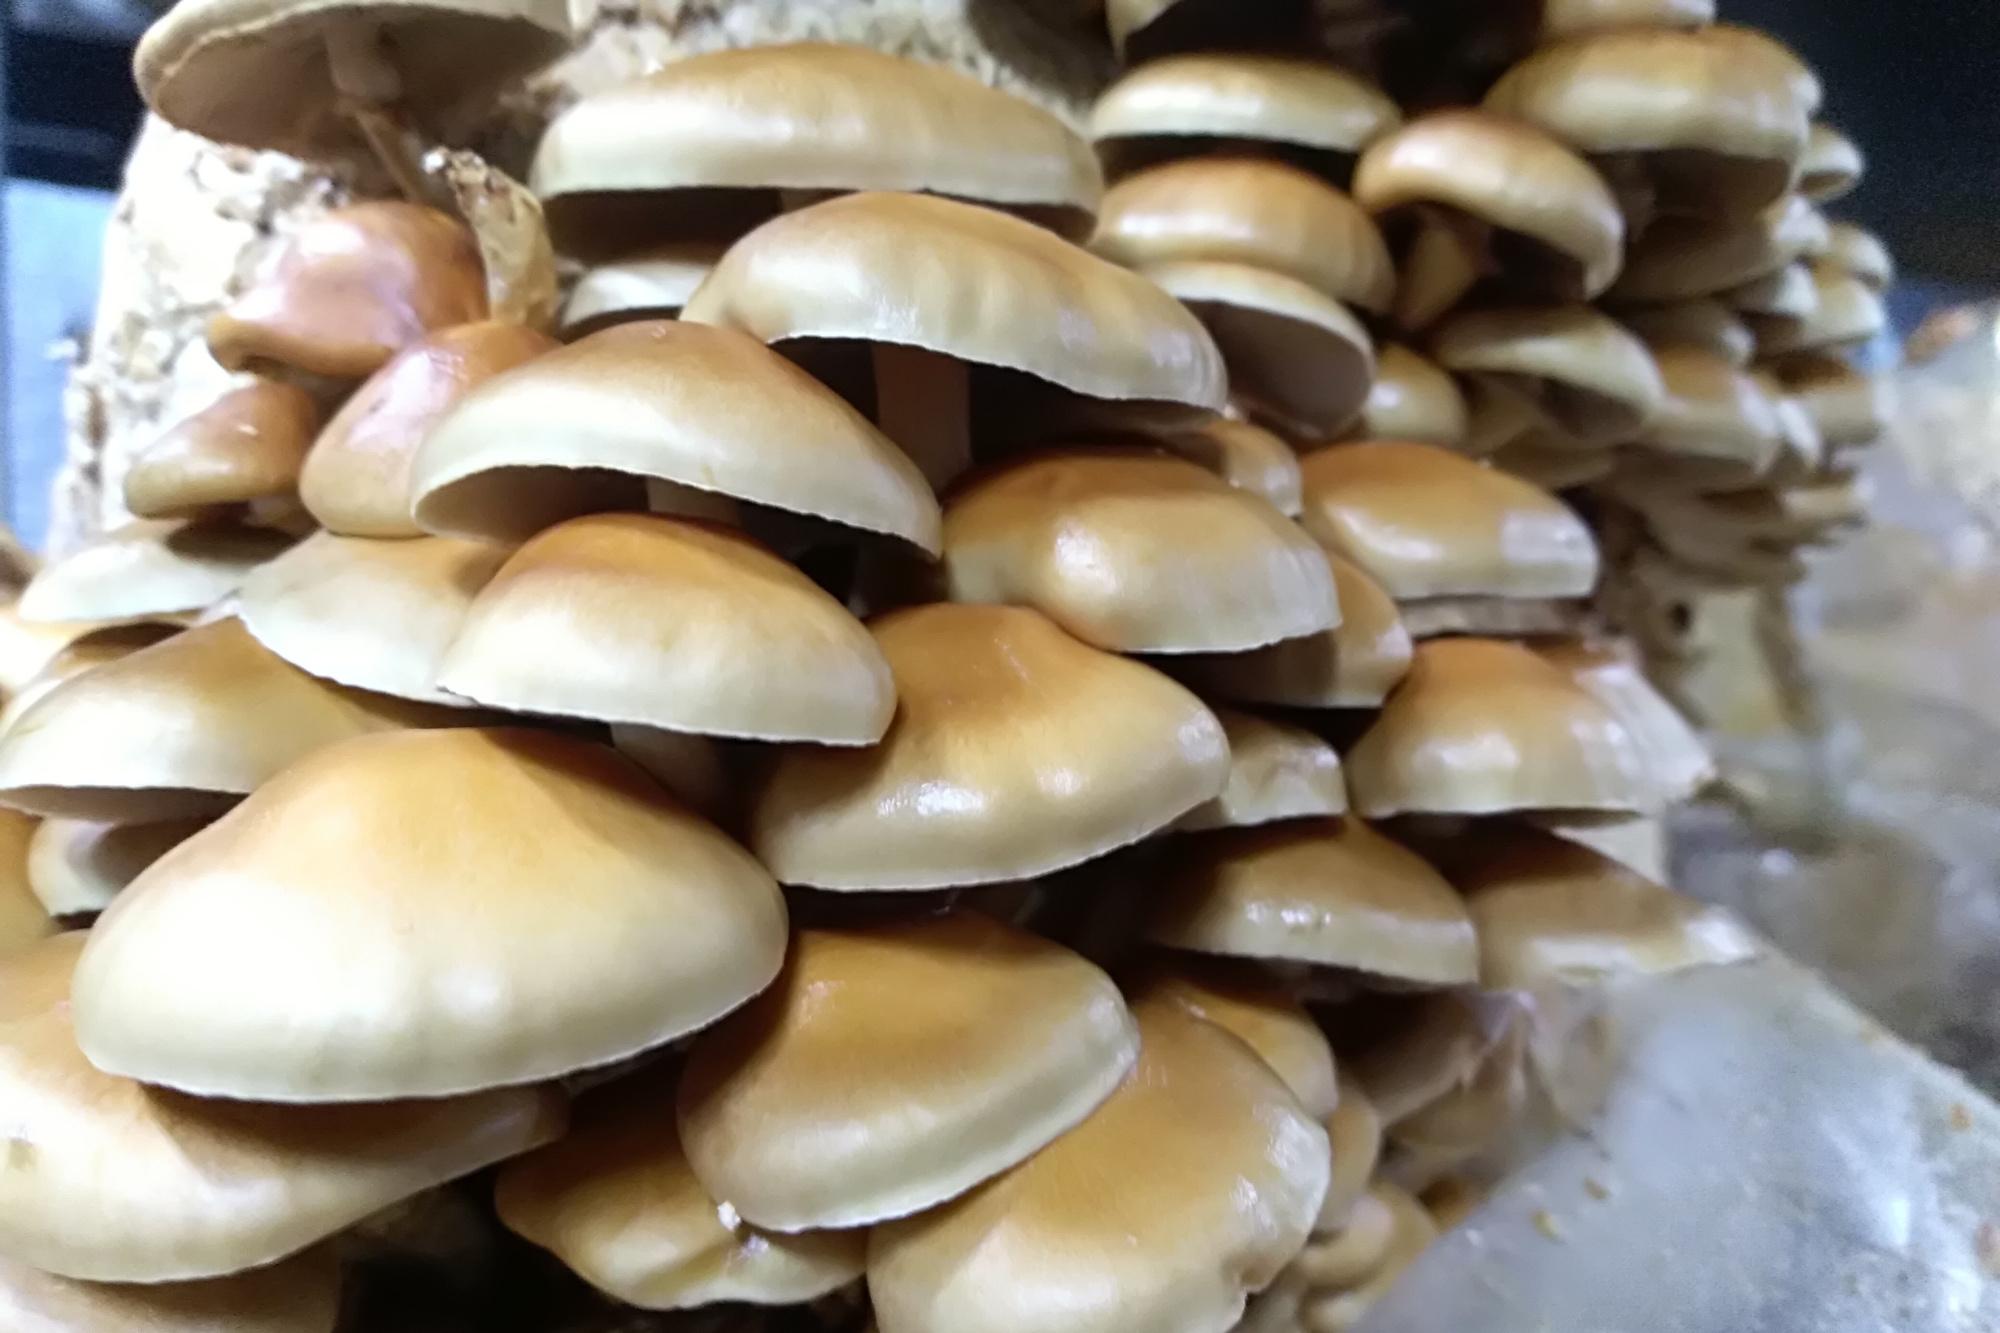 A la fin du procédé, lorsque le mycélium s'est assez développé, les shiitakés sortent du sachet., Stagiaire Le Vif